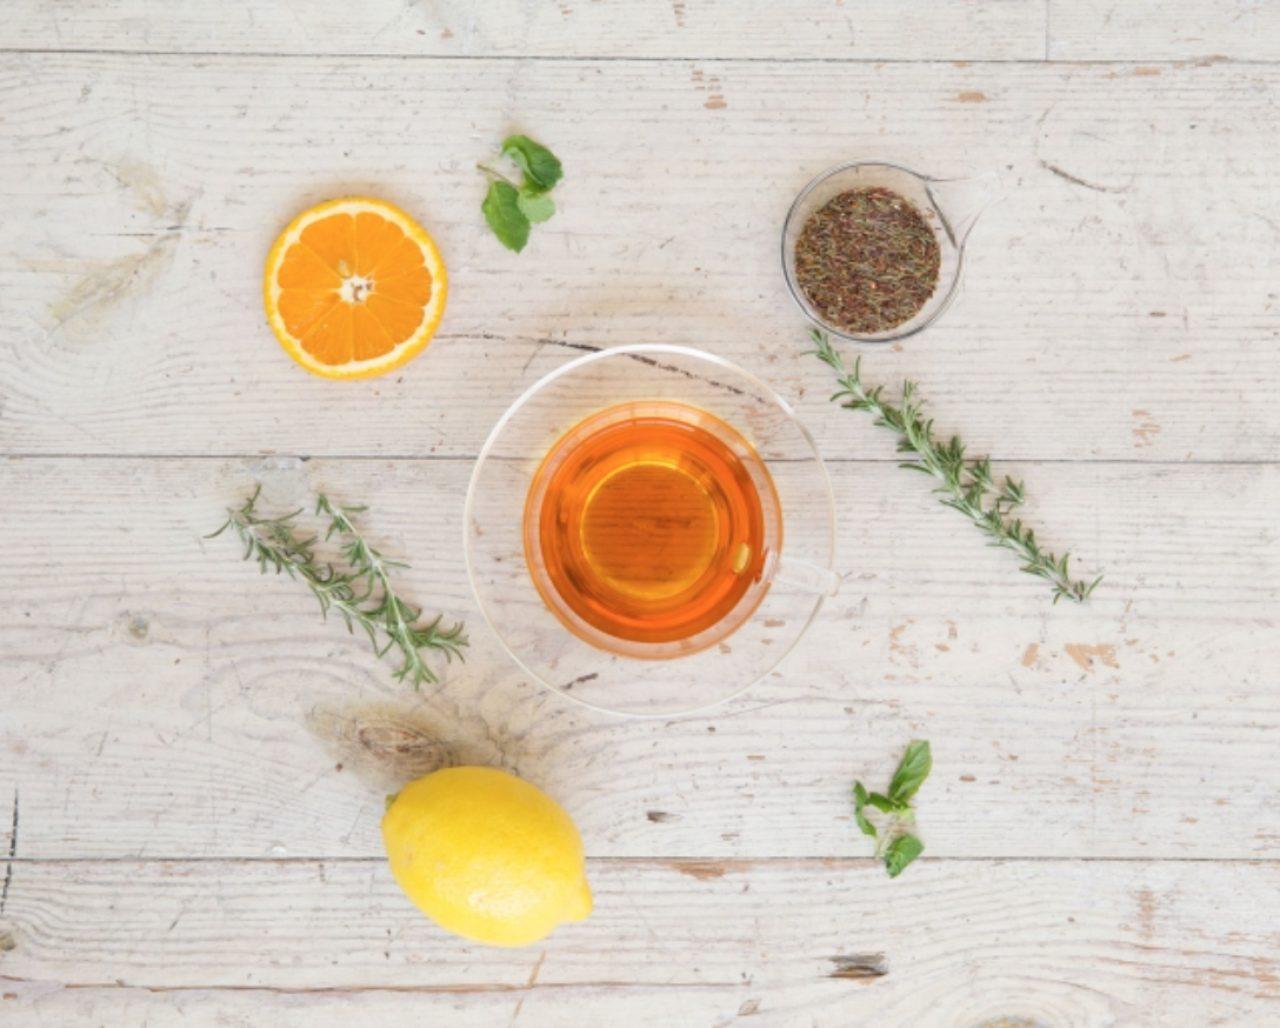 画像2: Lara Republicから希少な茶葉を使用したオーガニックルイボスティーが新発売!